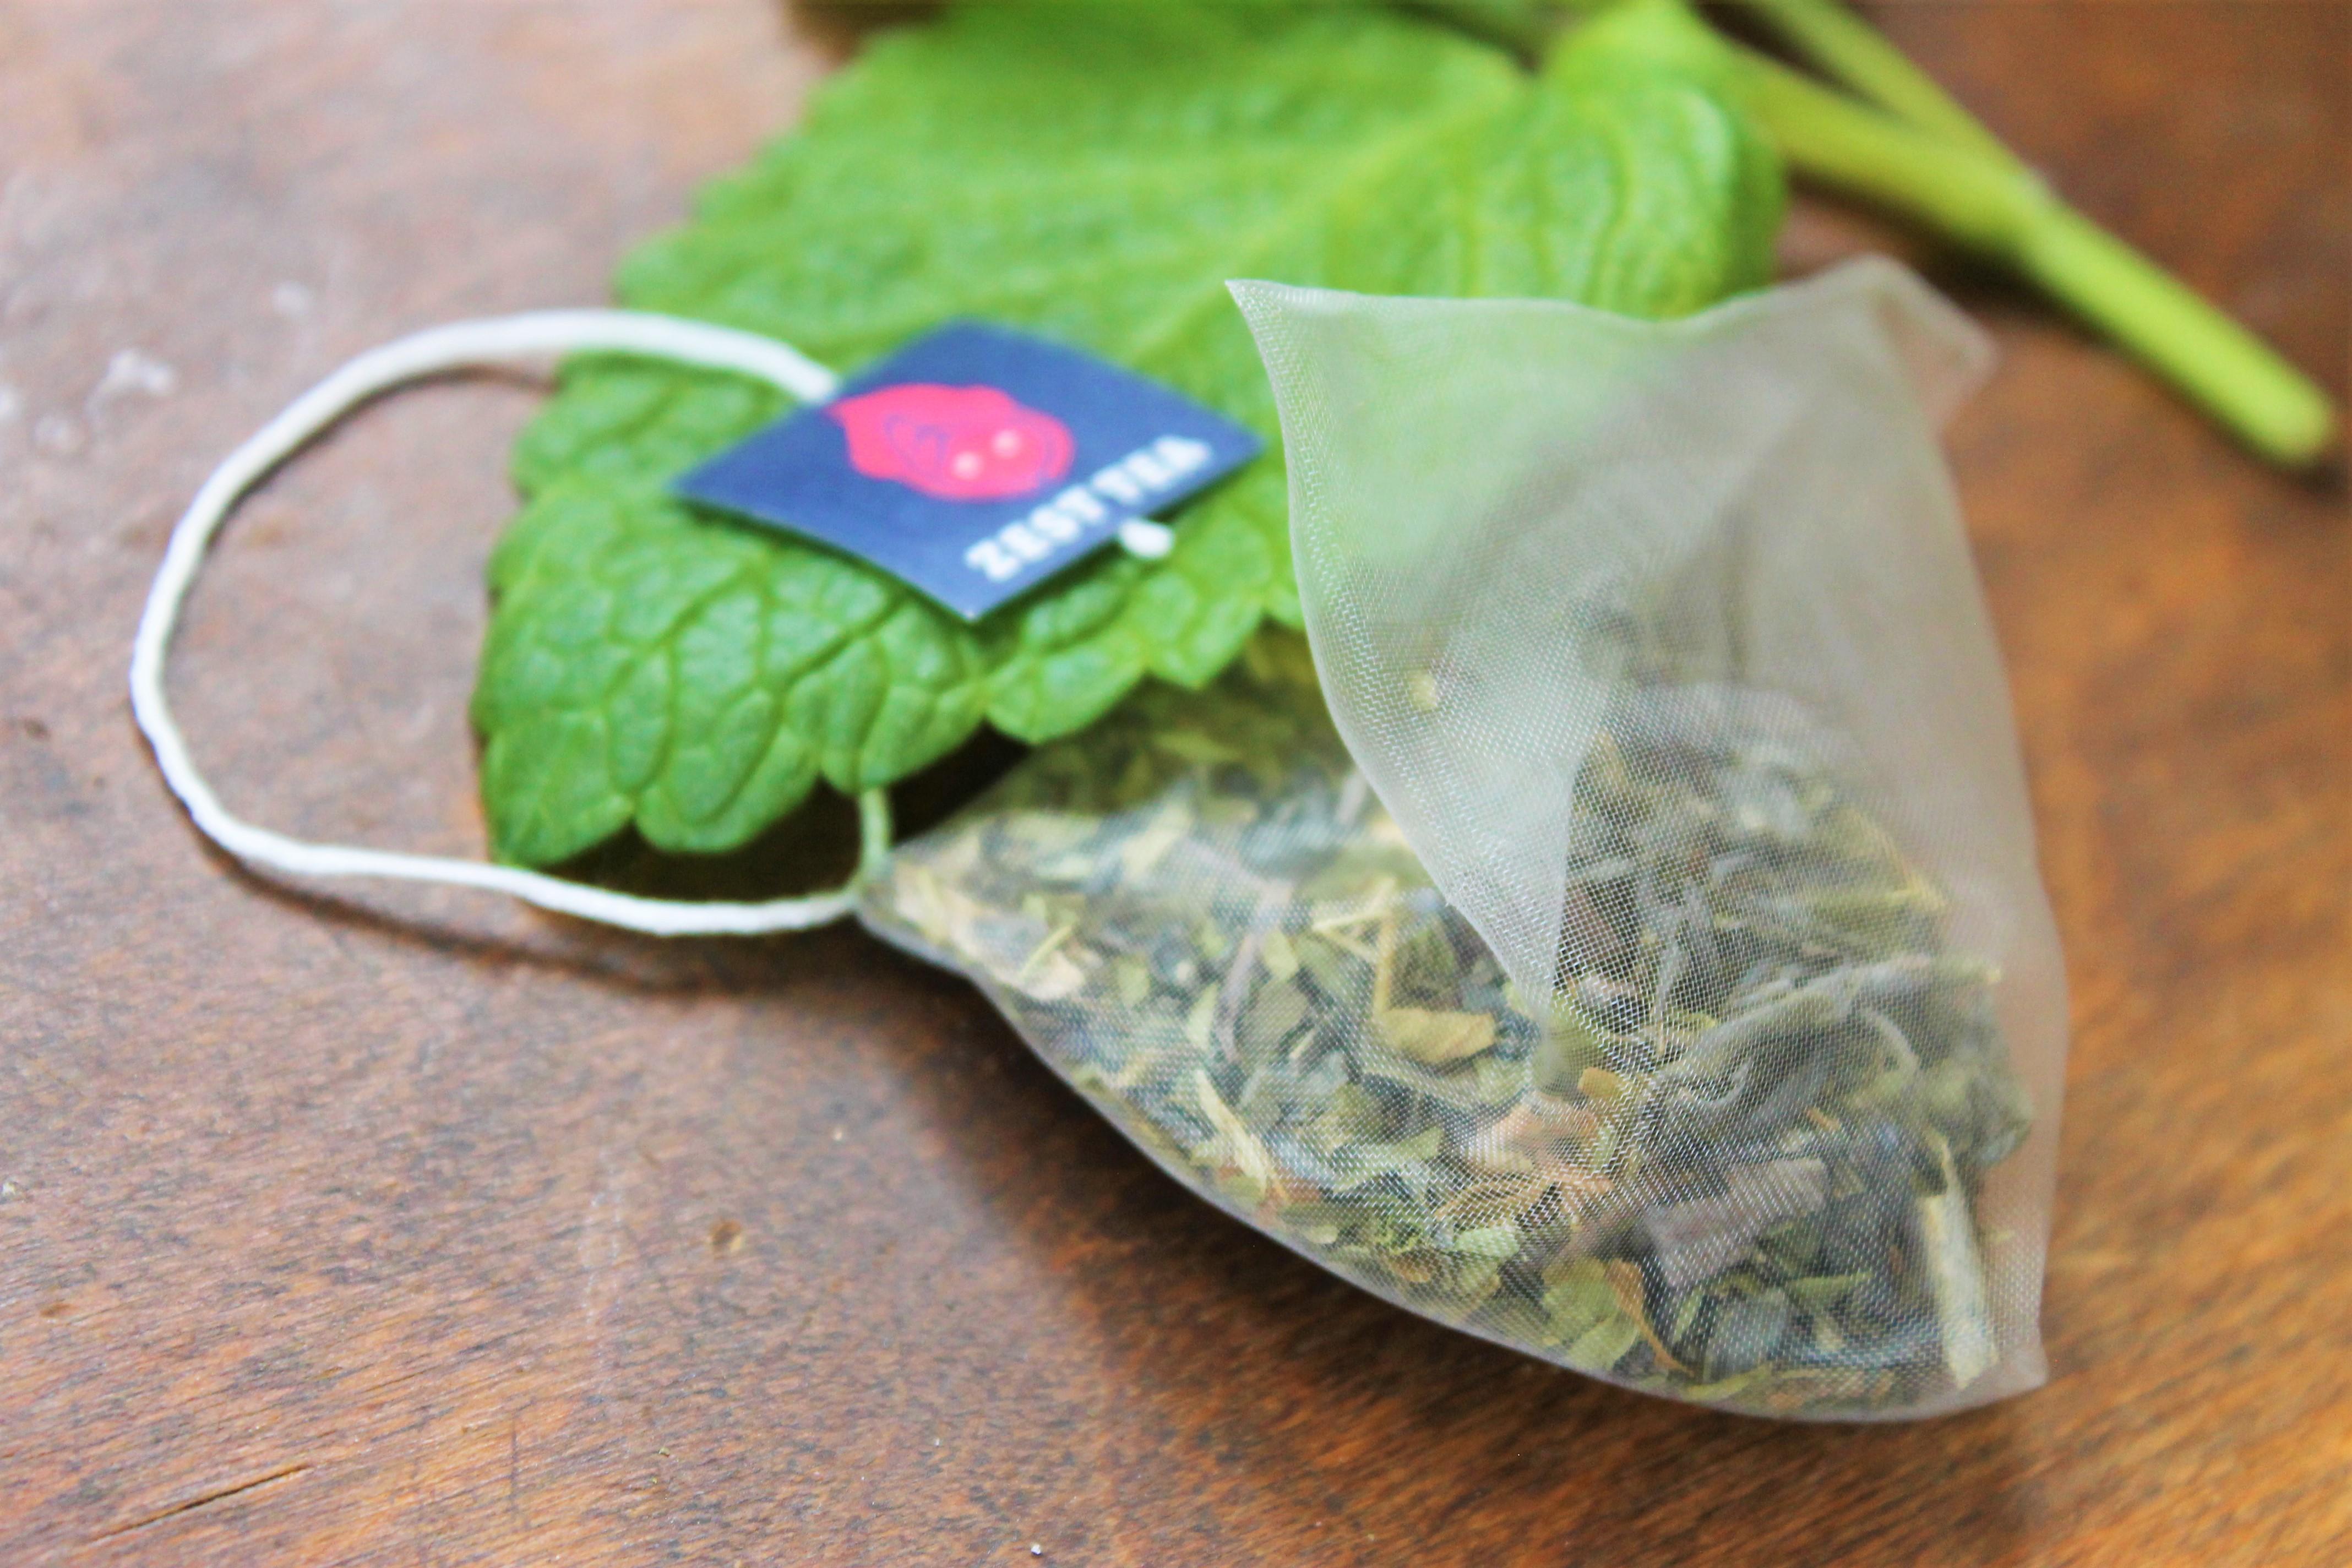 zest mint green tea